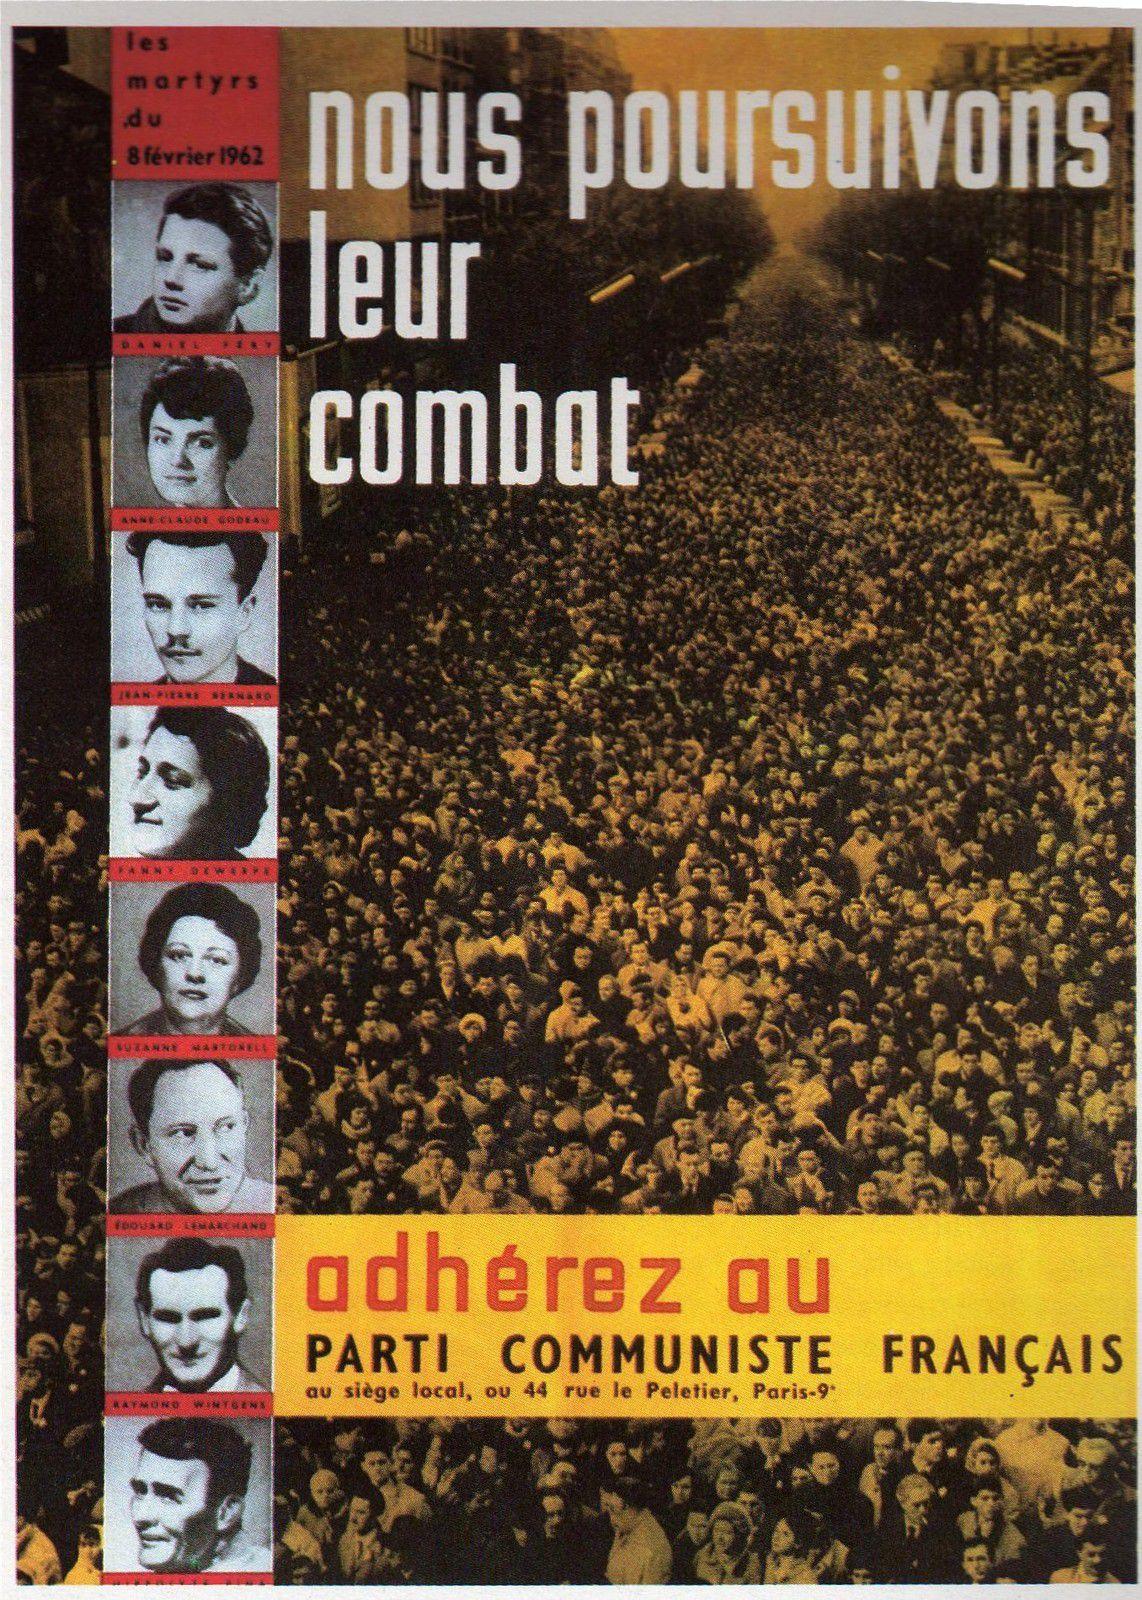 [Le PCF à 100 ans] Parti Communiste Français : fragments d'histoire en images (photos et affiches)